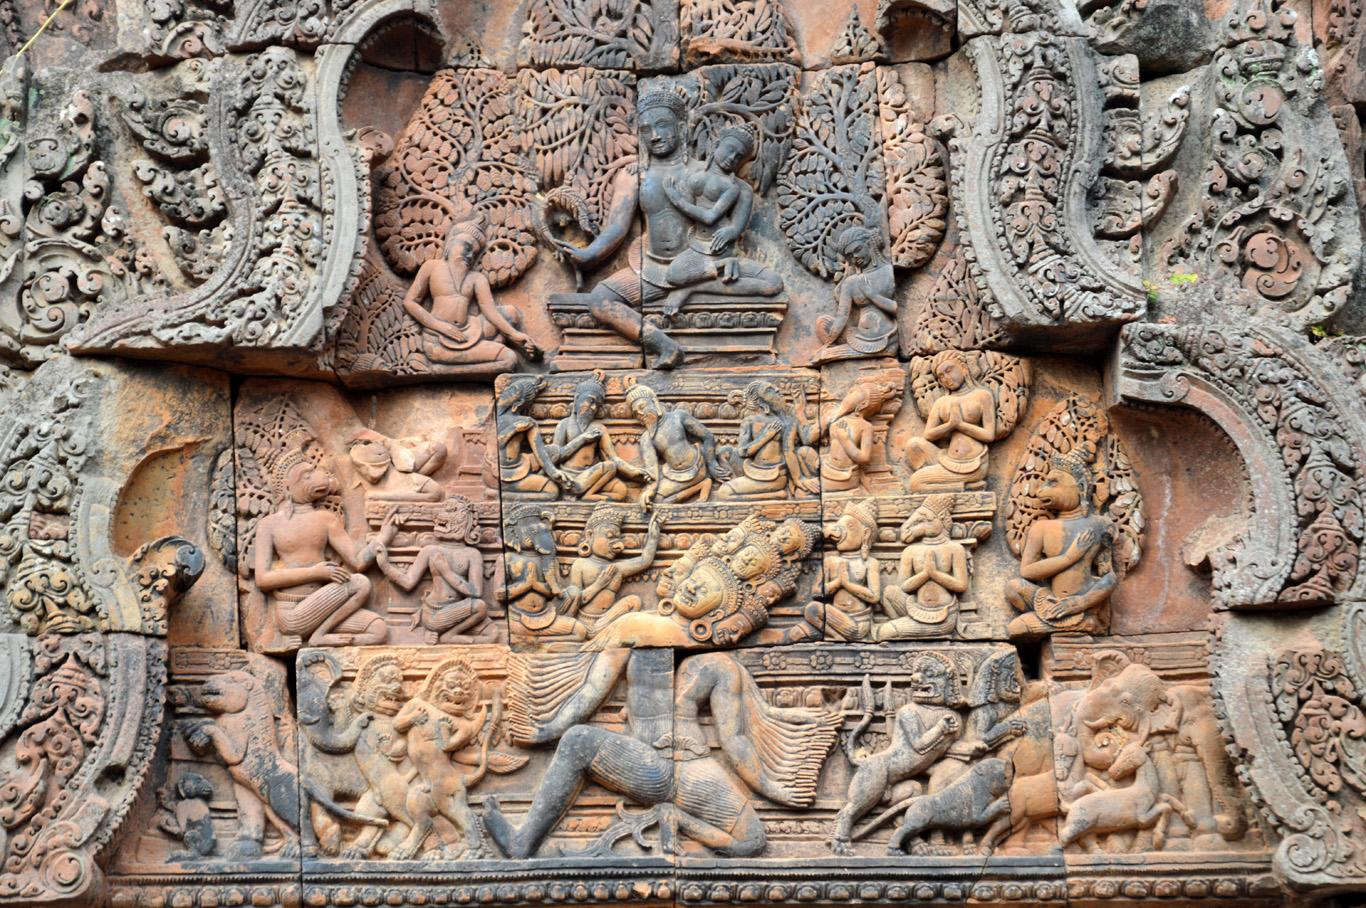 Carvings at Banteay Srei